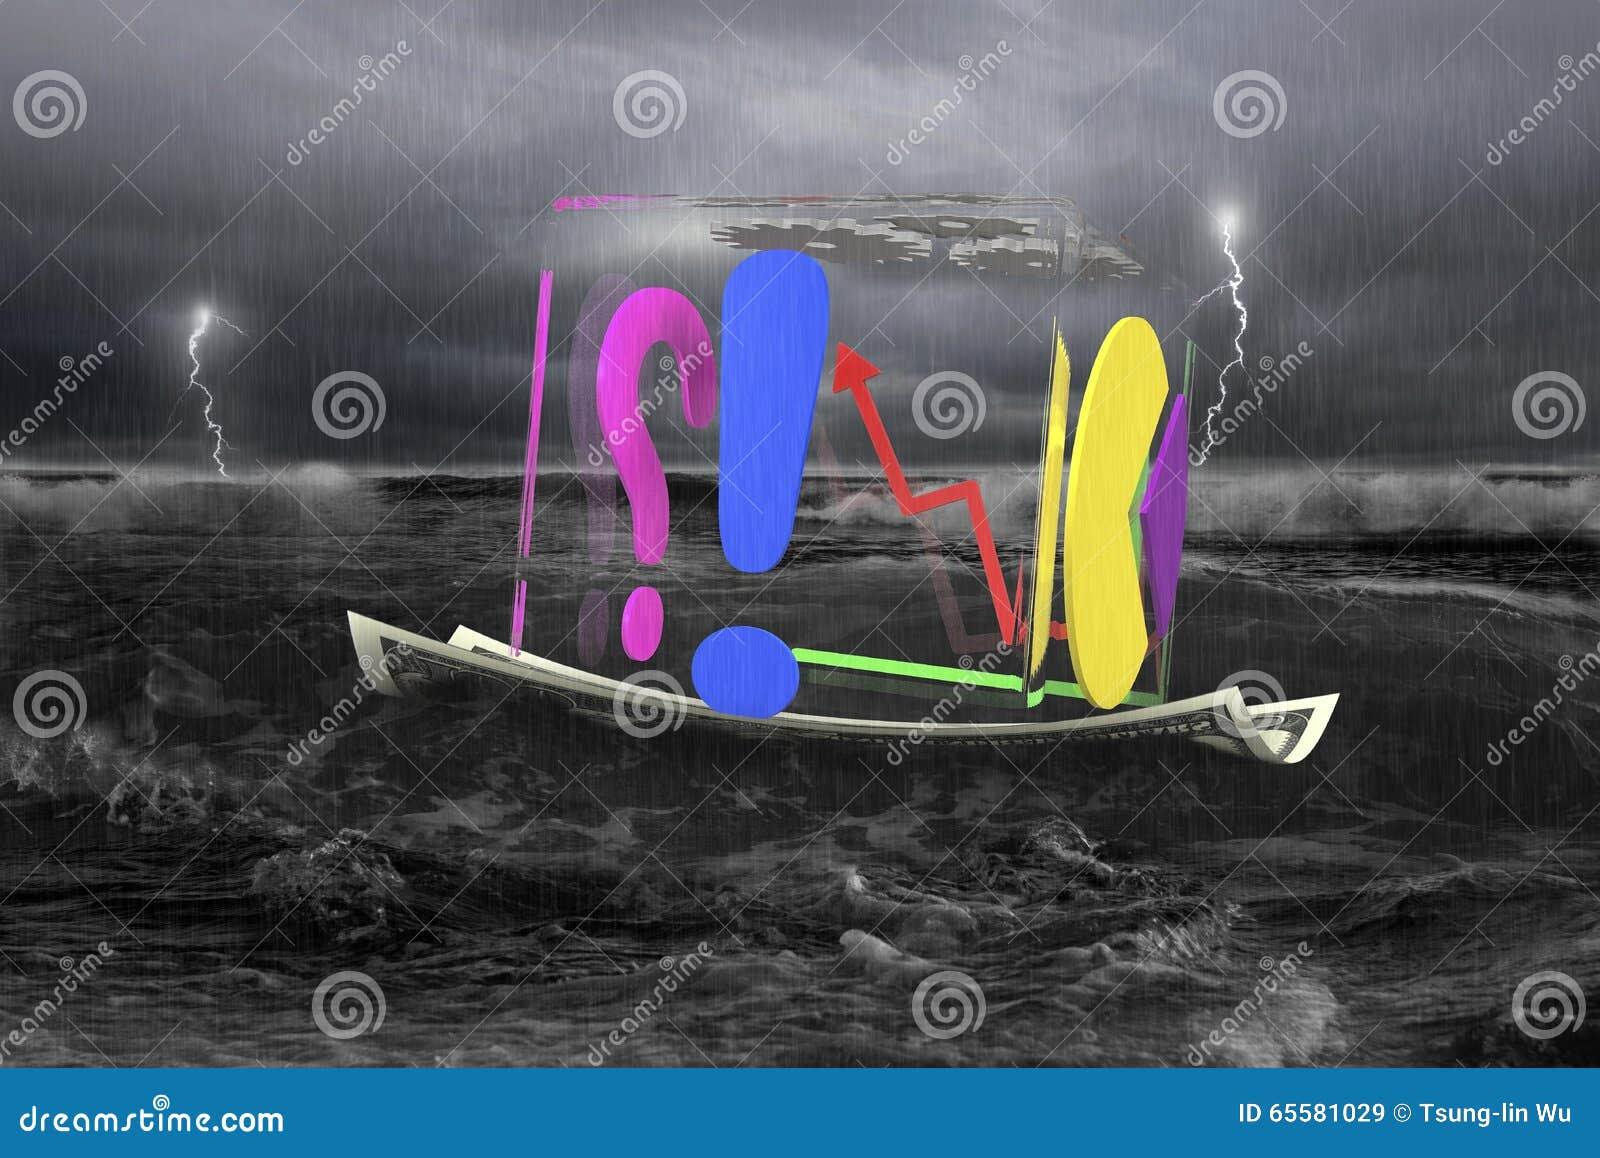 Cubo transparente de gráficos de negócio no barco do dinheiro com tempestade